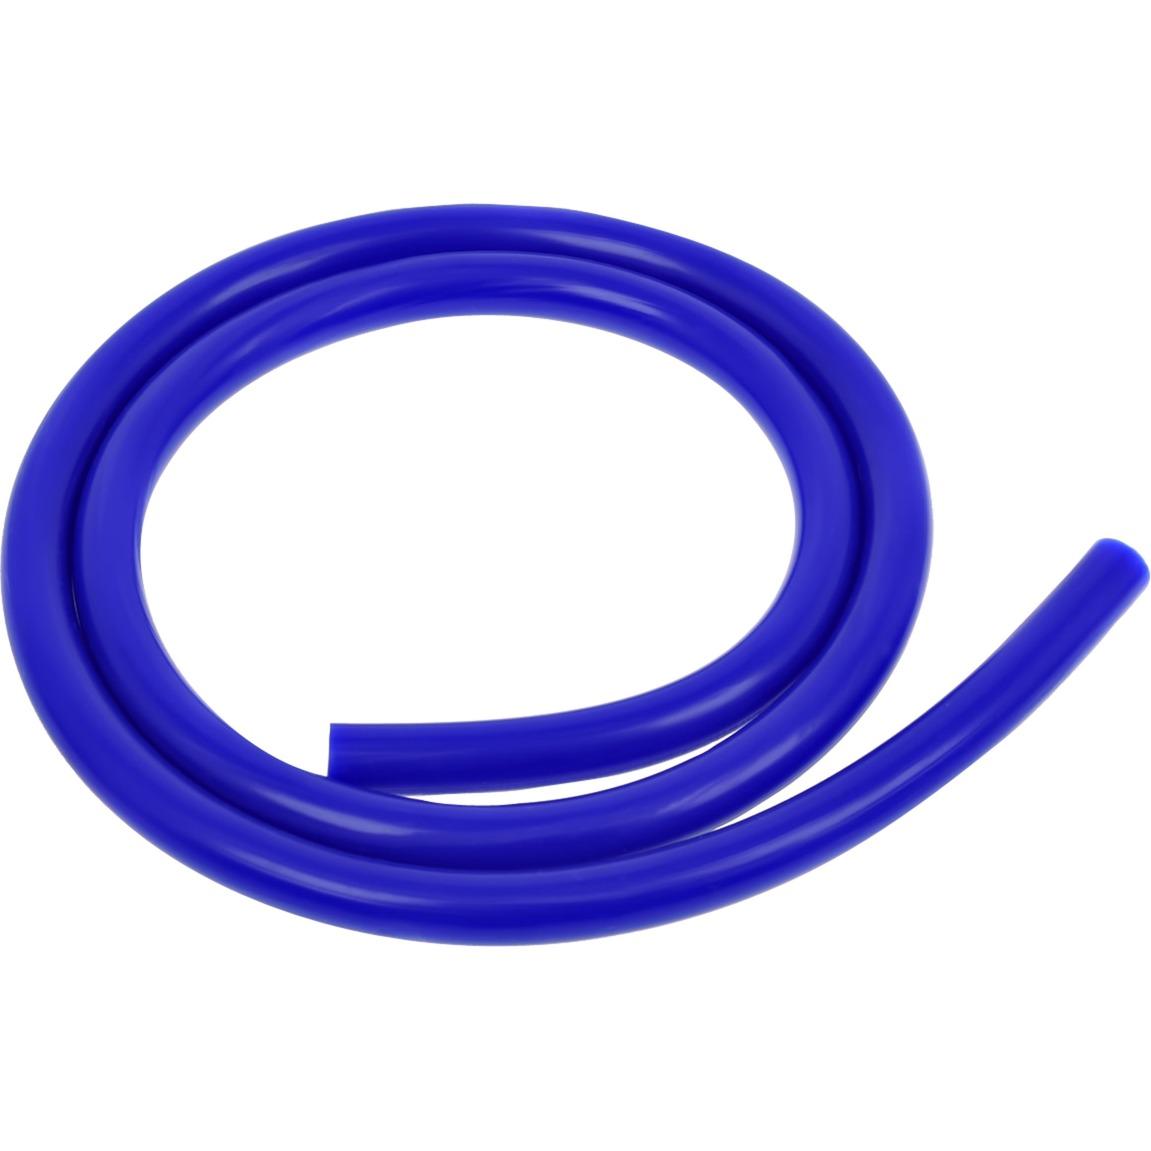 29126 1m Azul manguera de compresores de aire, Modding